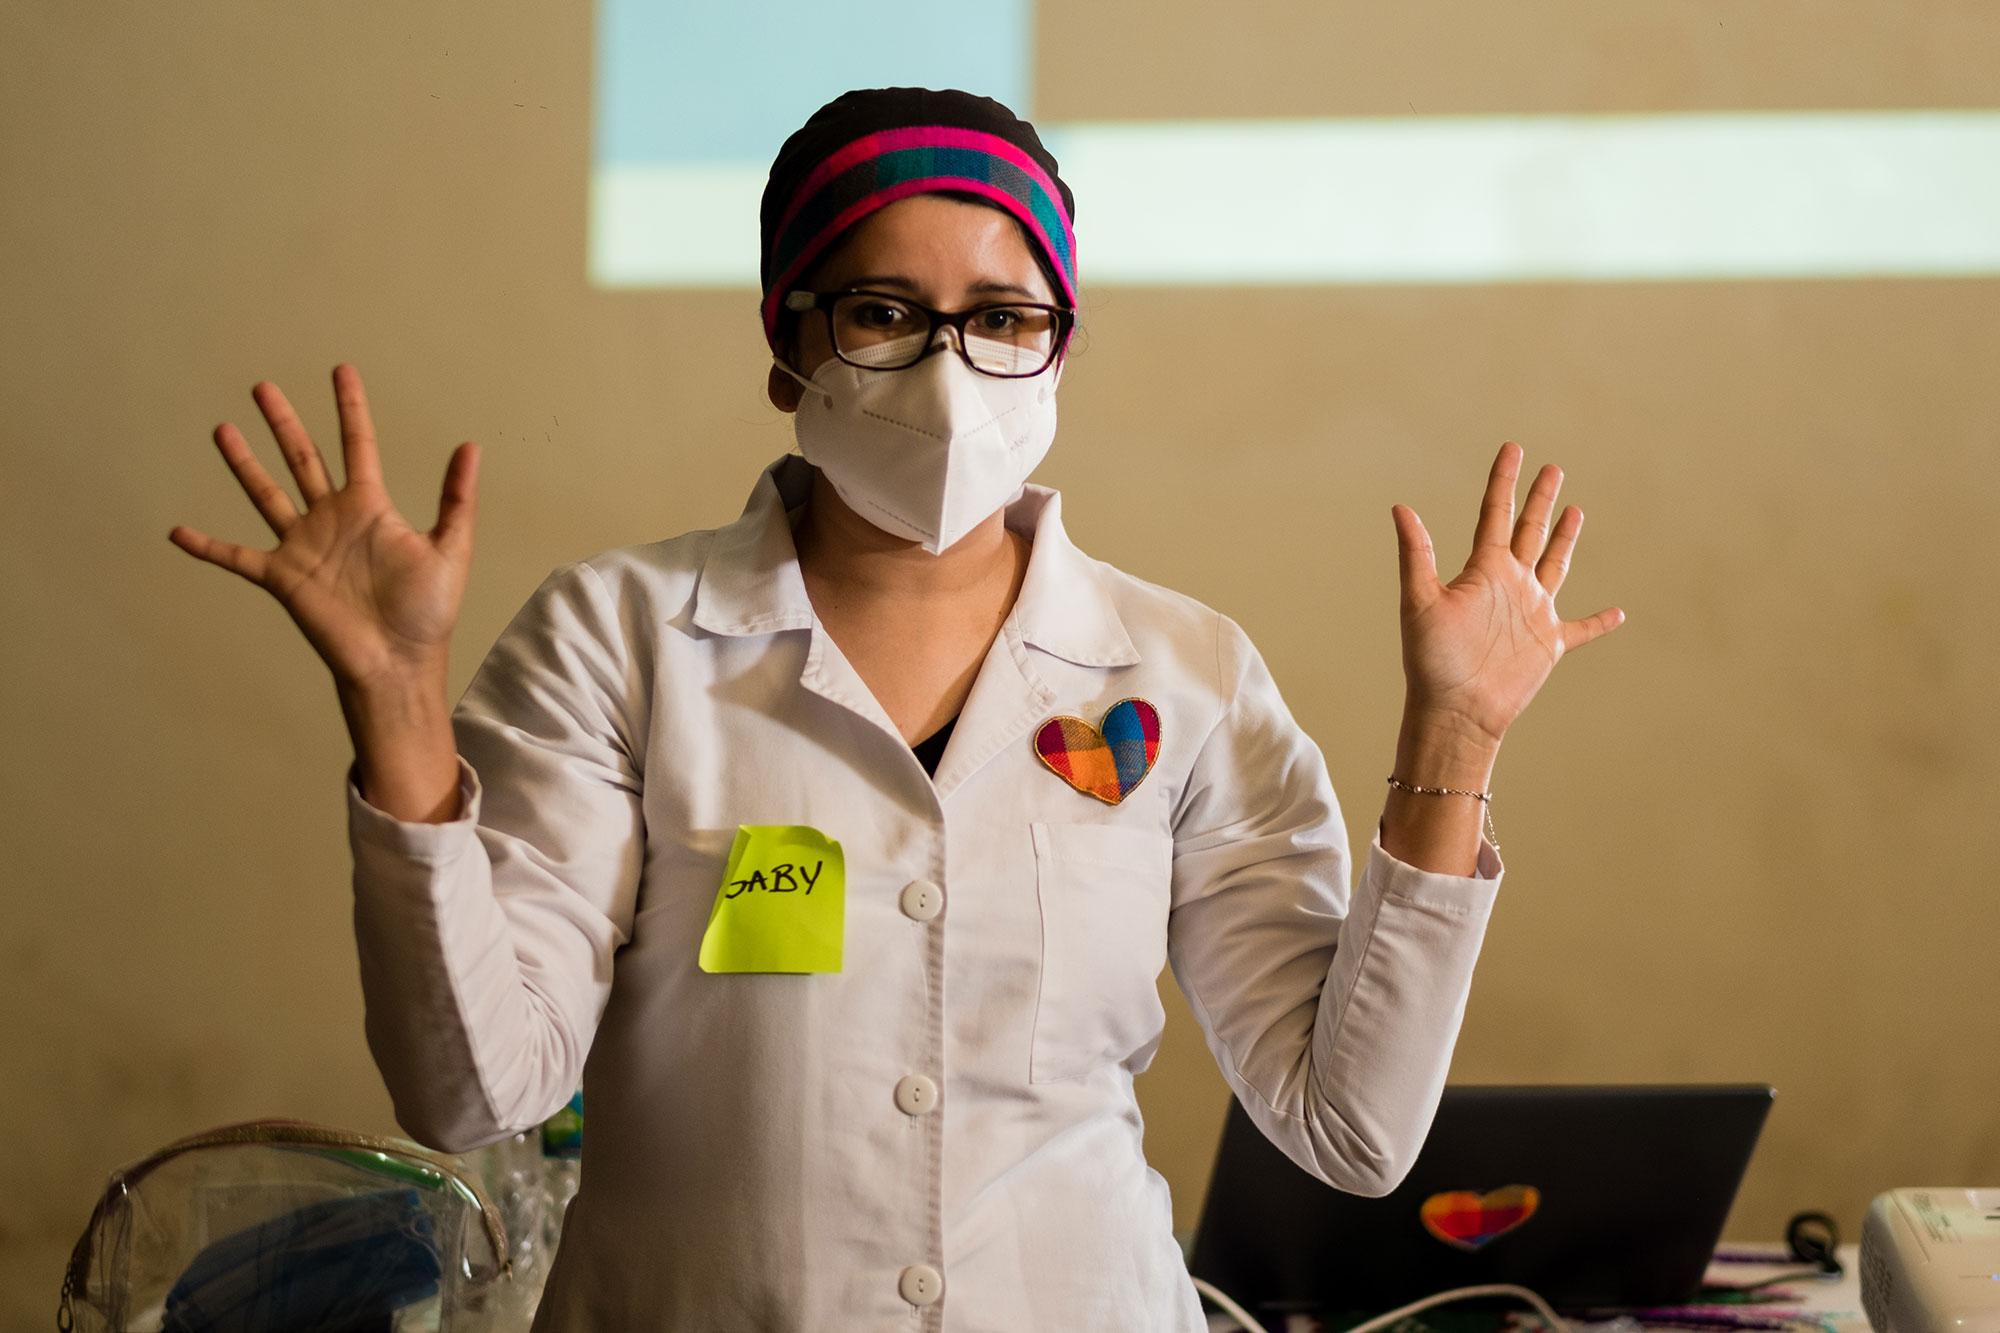 uma mulher com um jaleco e máscara cirúrgica fala incomodada com as mãos levantadas no ar.